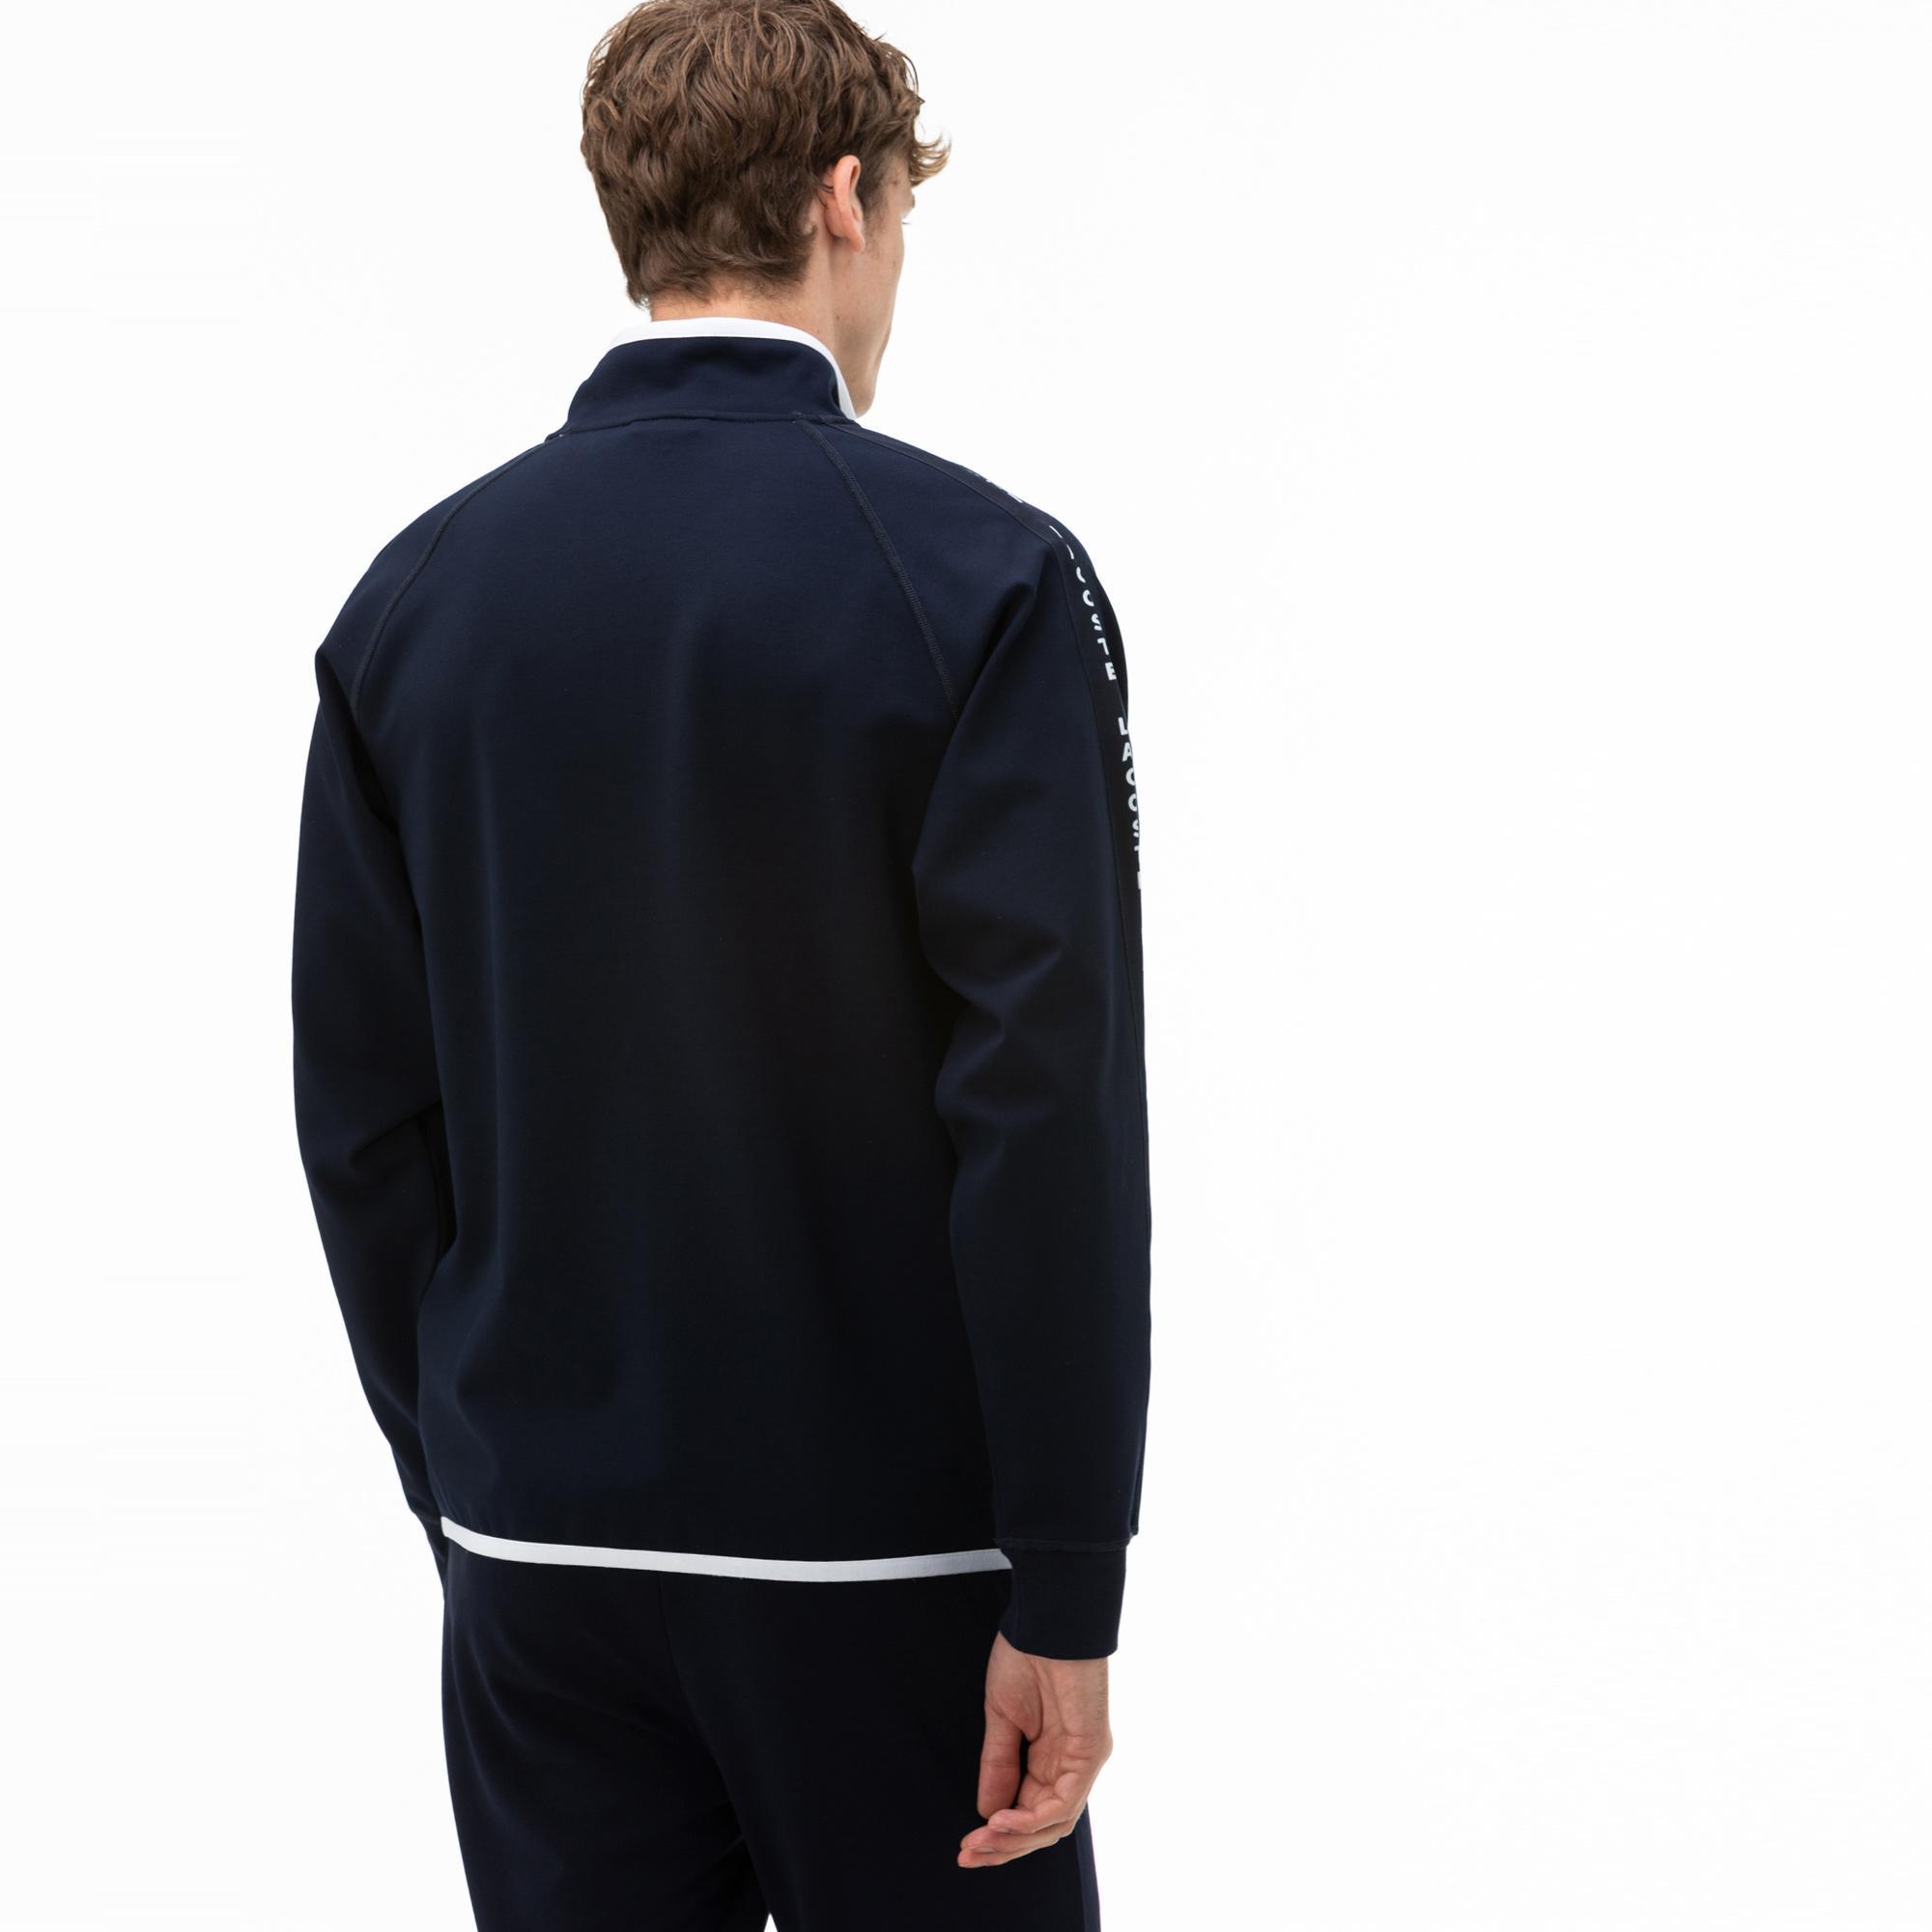 Lacoste Erkek Fermuarlı Baskılı Lacivert Sweatshirt